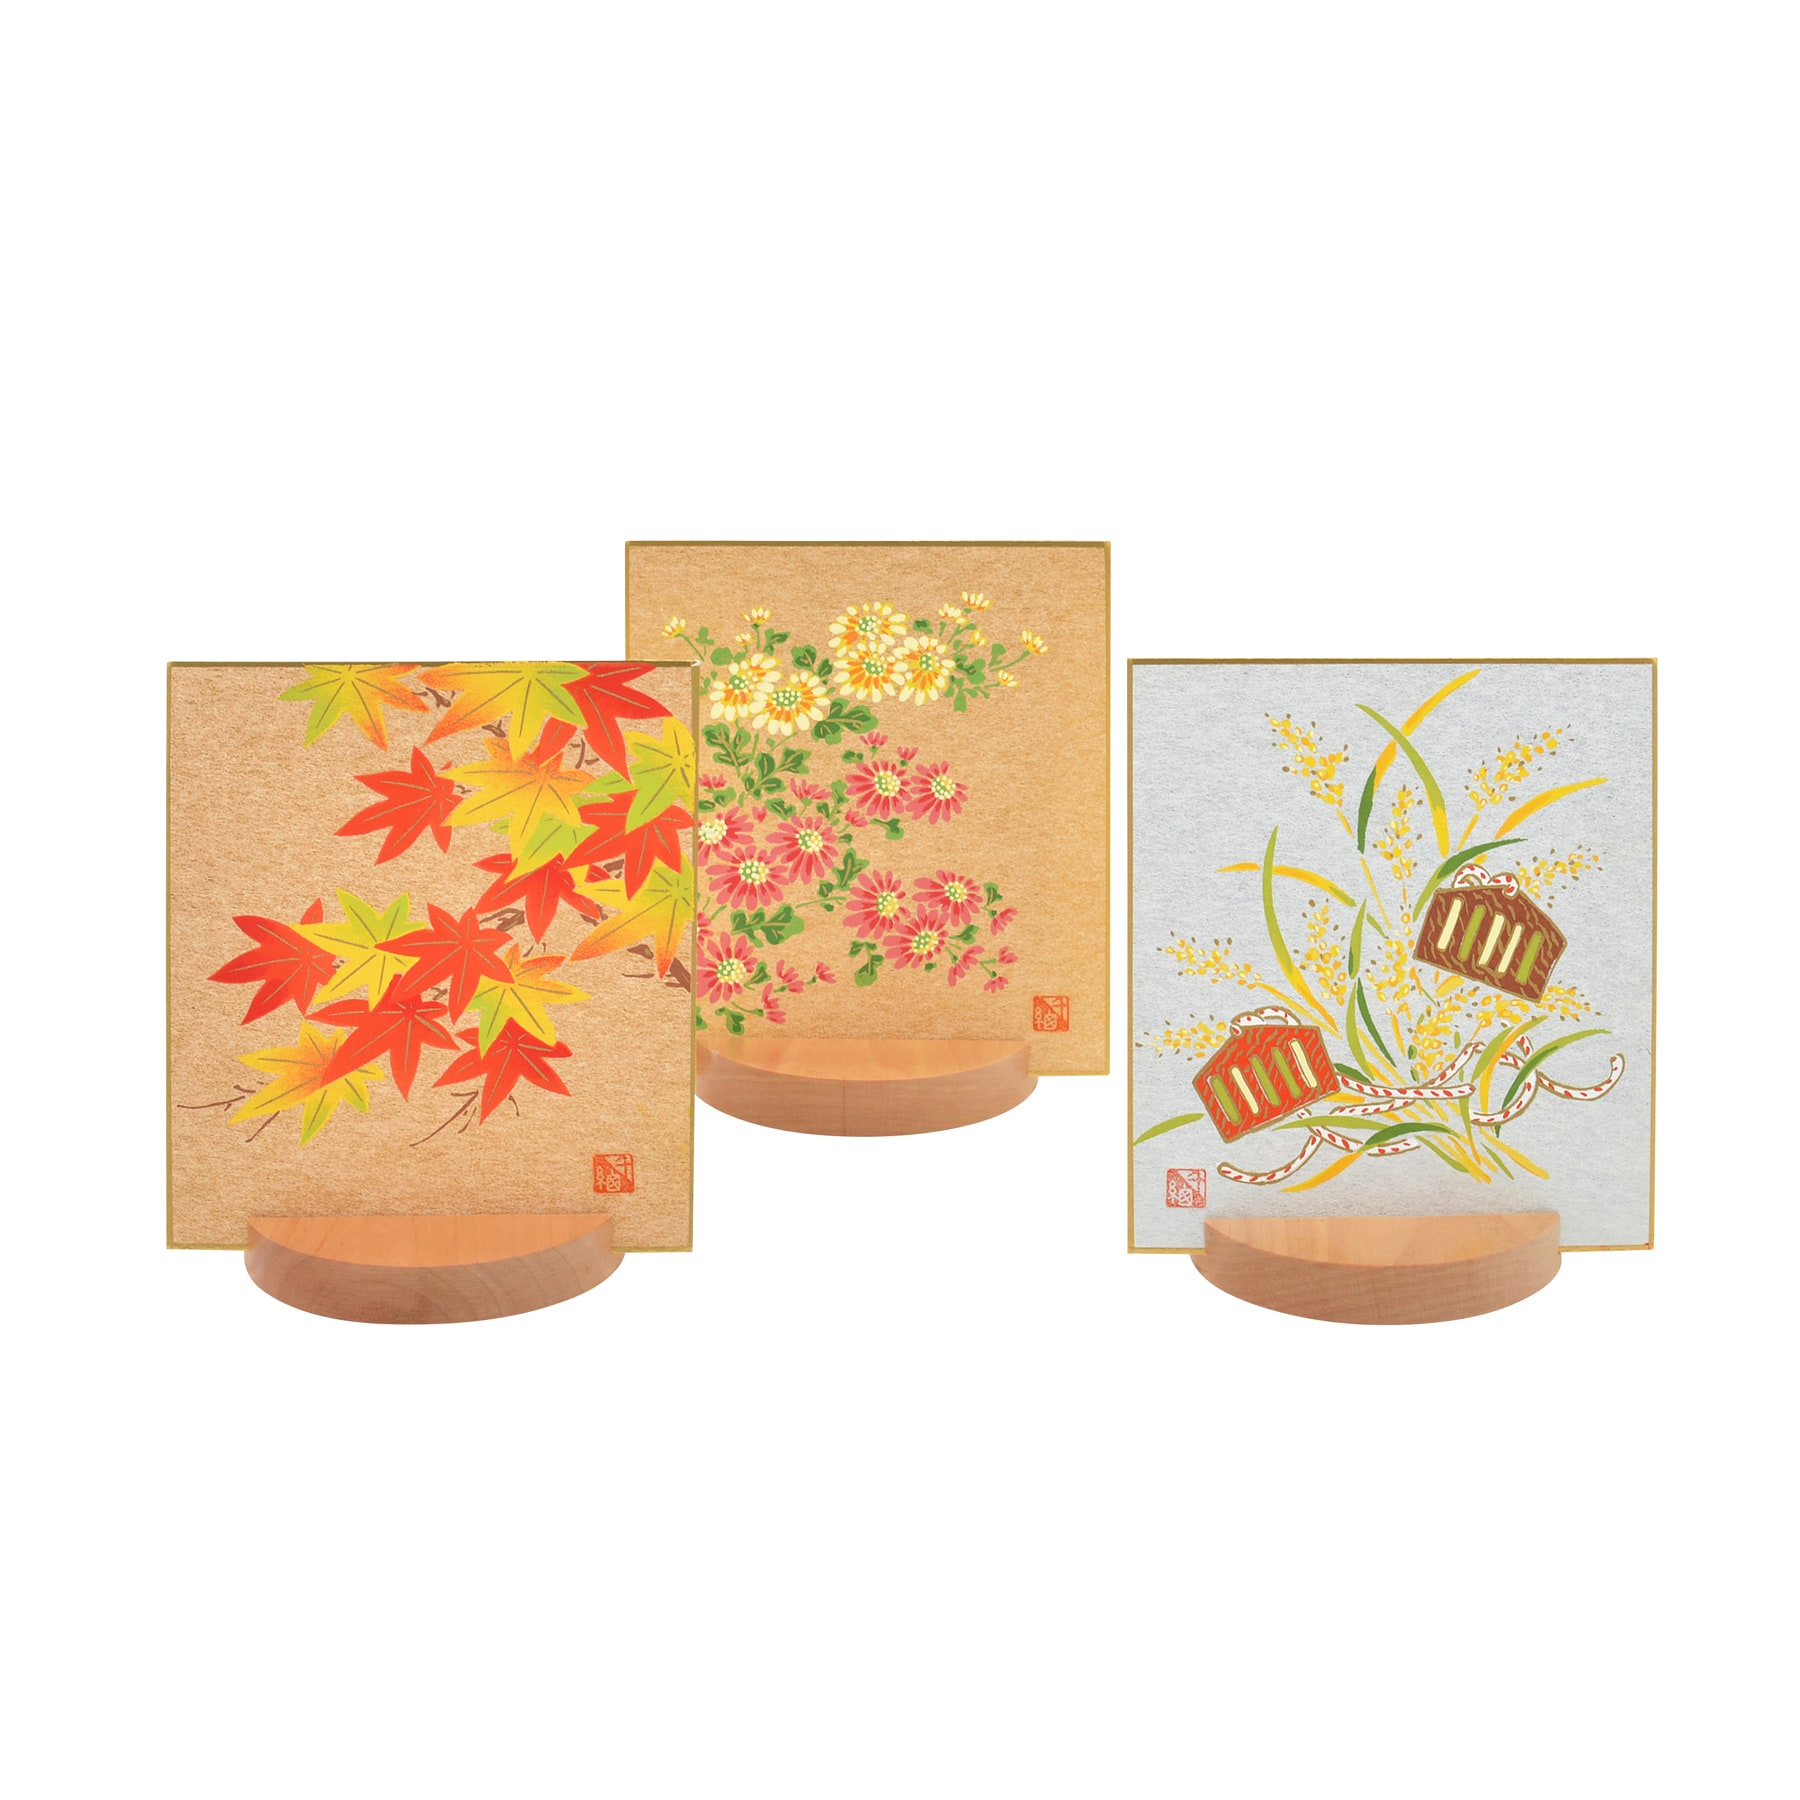 【友禅色紙】 秋のセット 05 | 小 3枚組